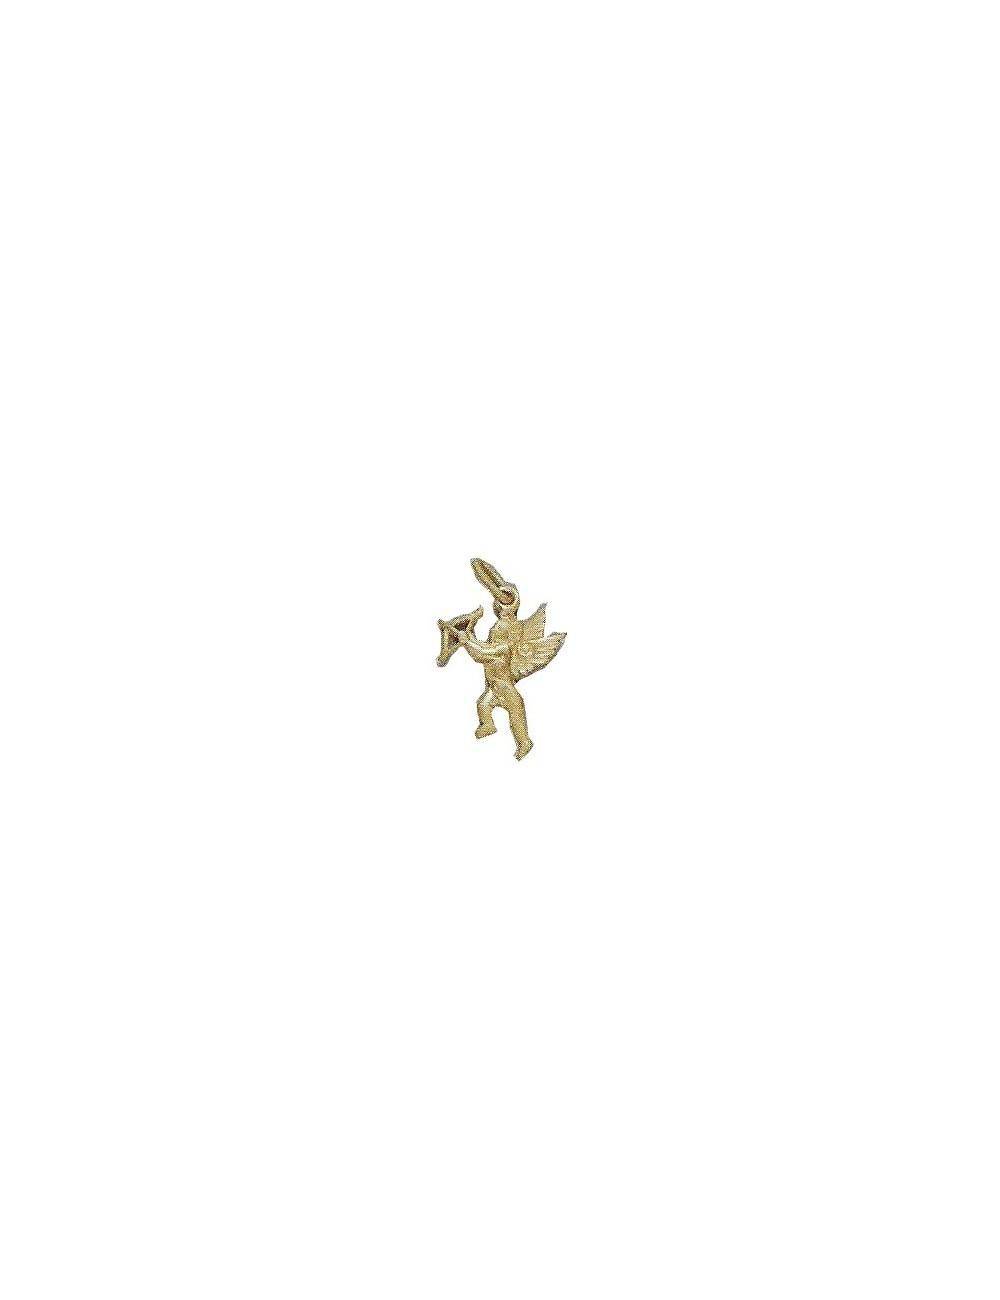 pendentif Cupidon en or